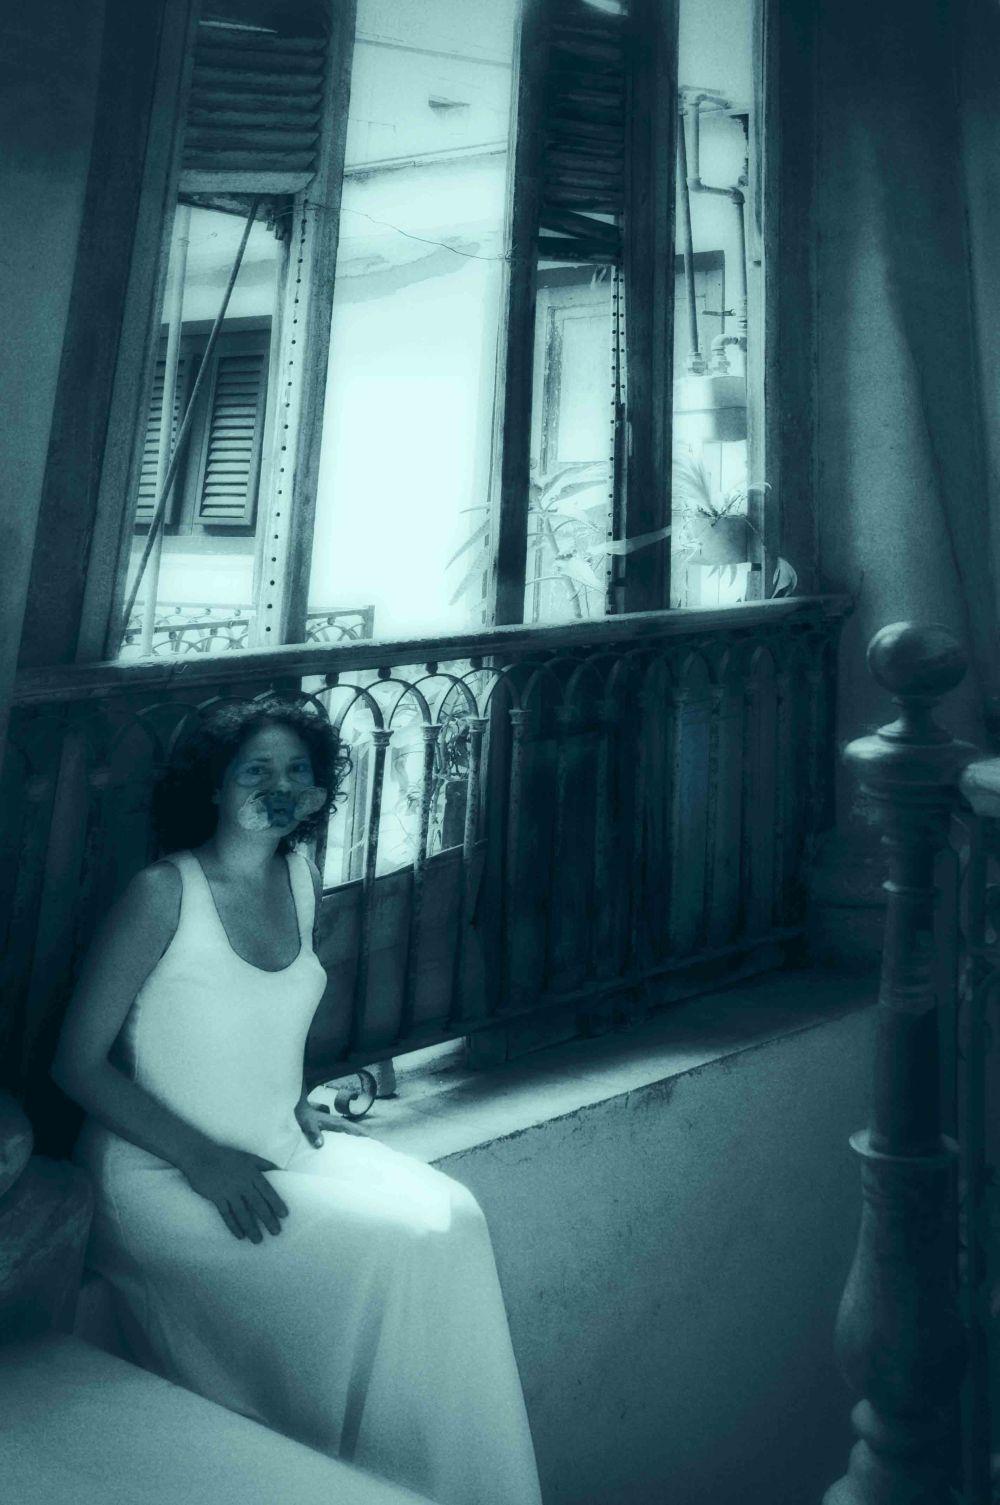 immigrant mermaid#5 Havana vieja, 2013